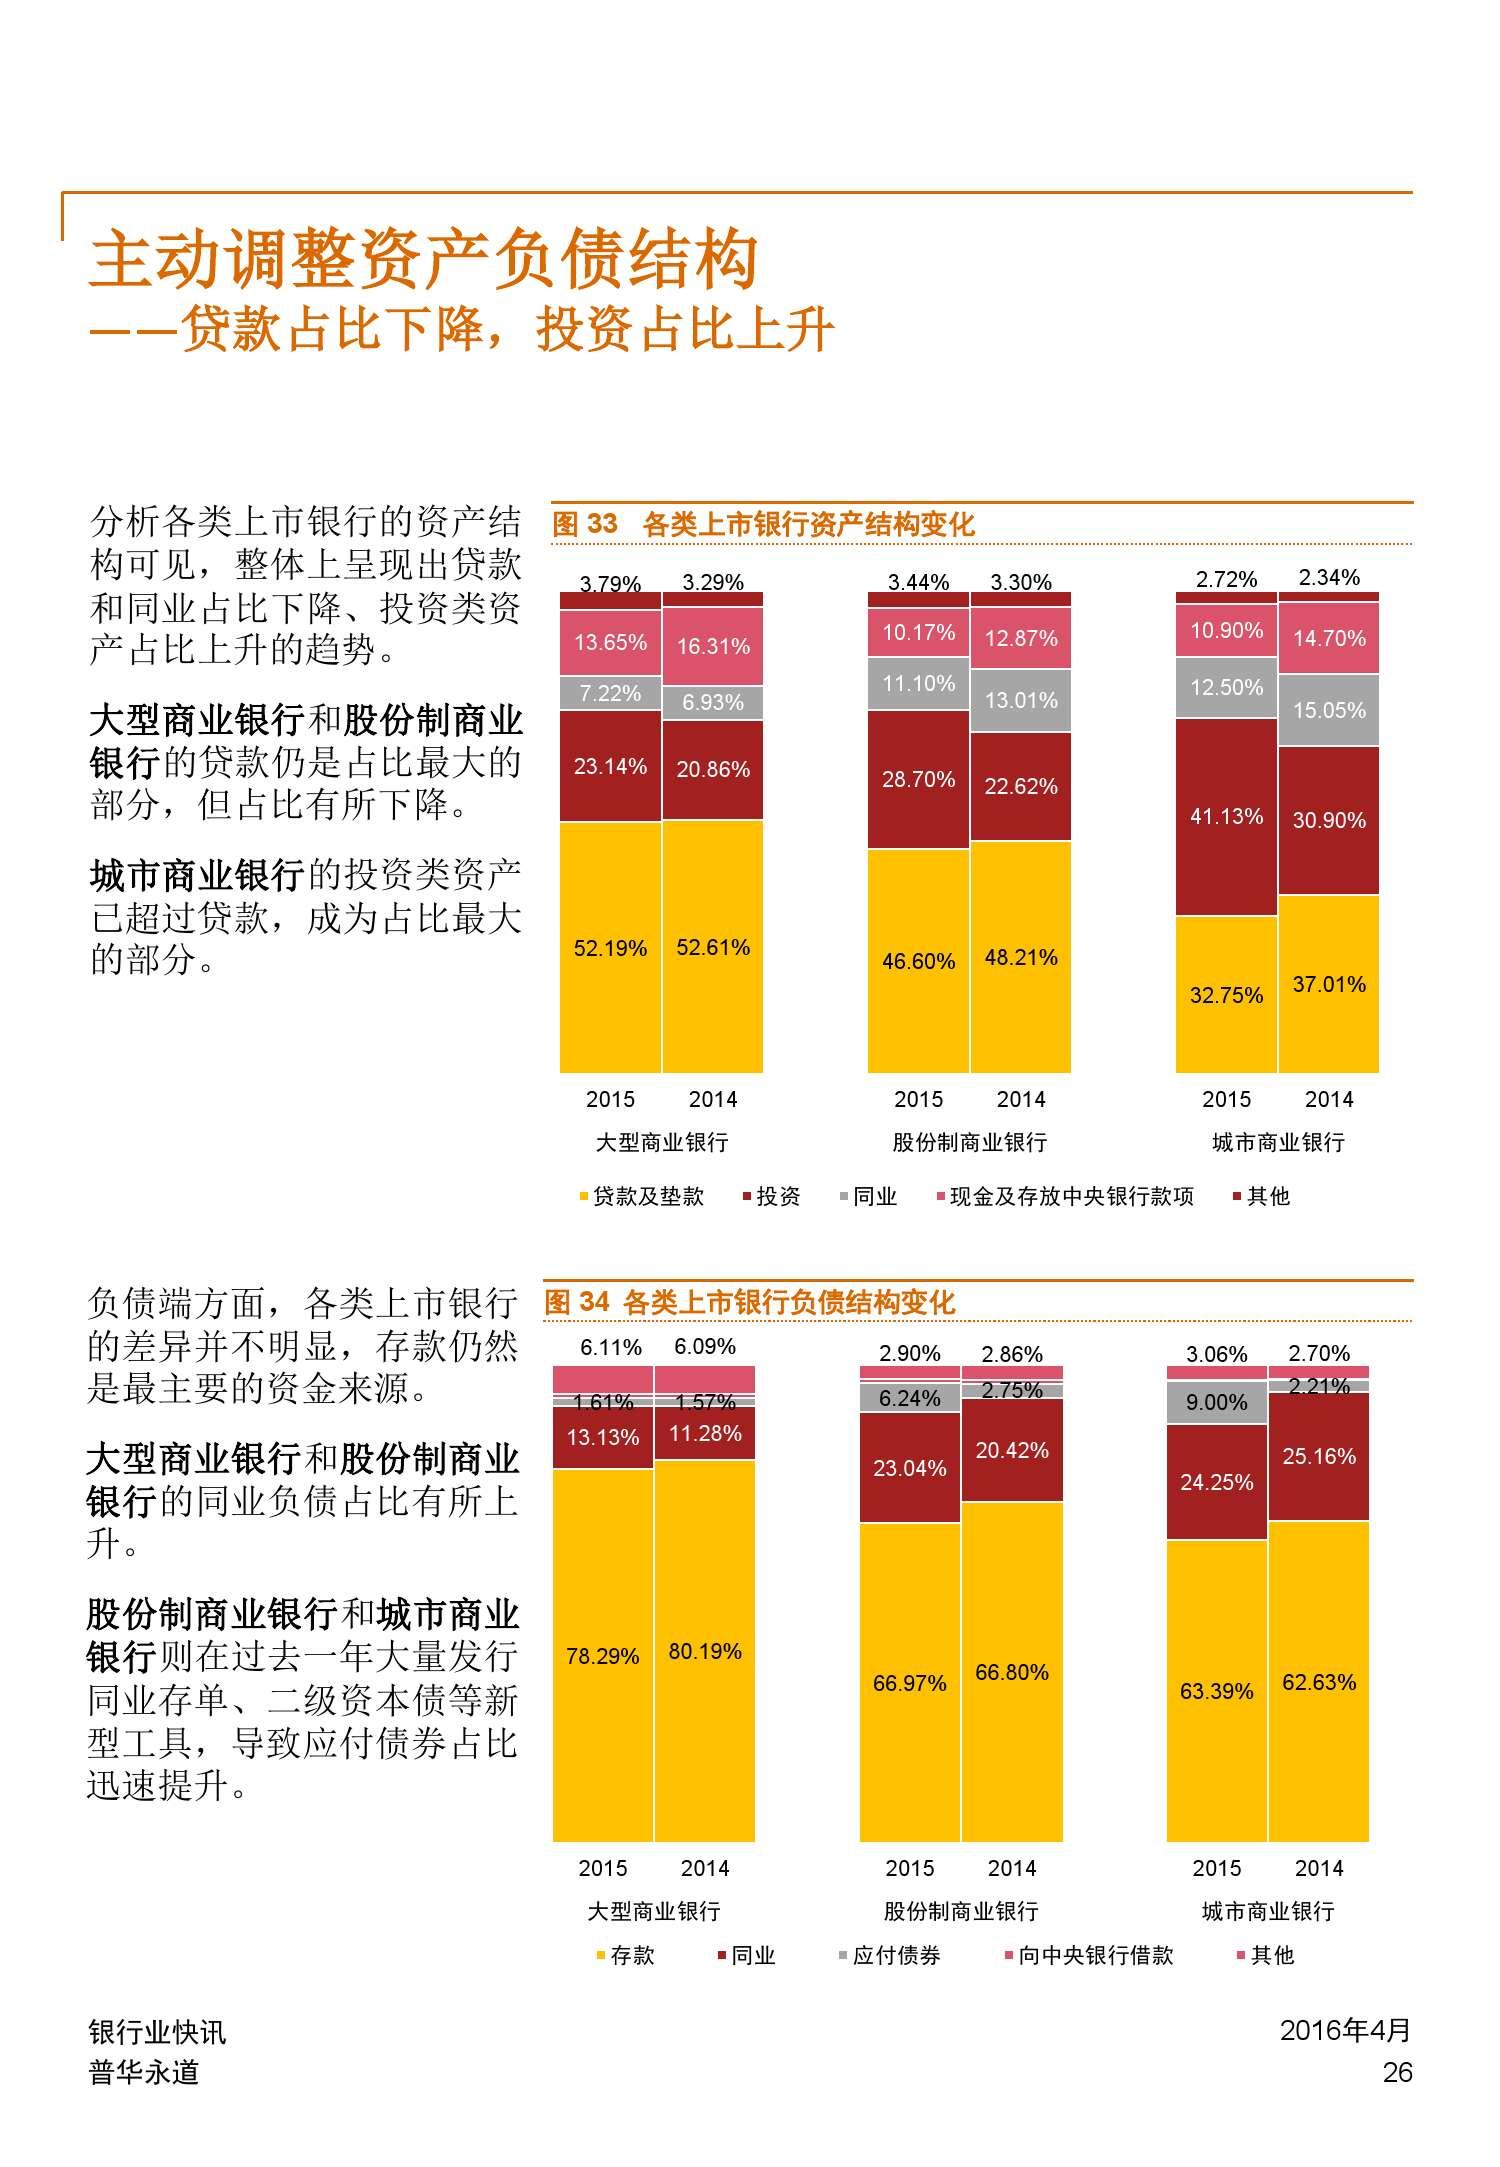 普华永道:2015年中国银行业回顾与展望_000026